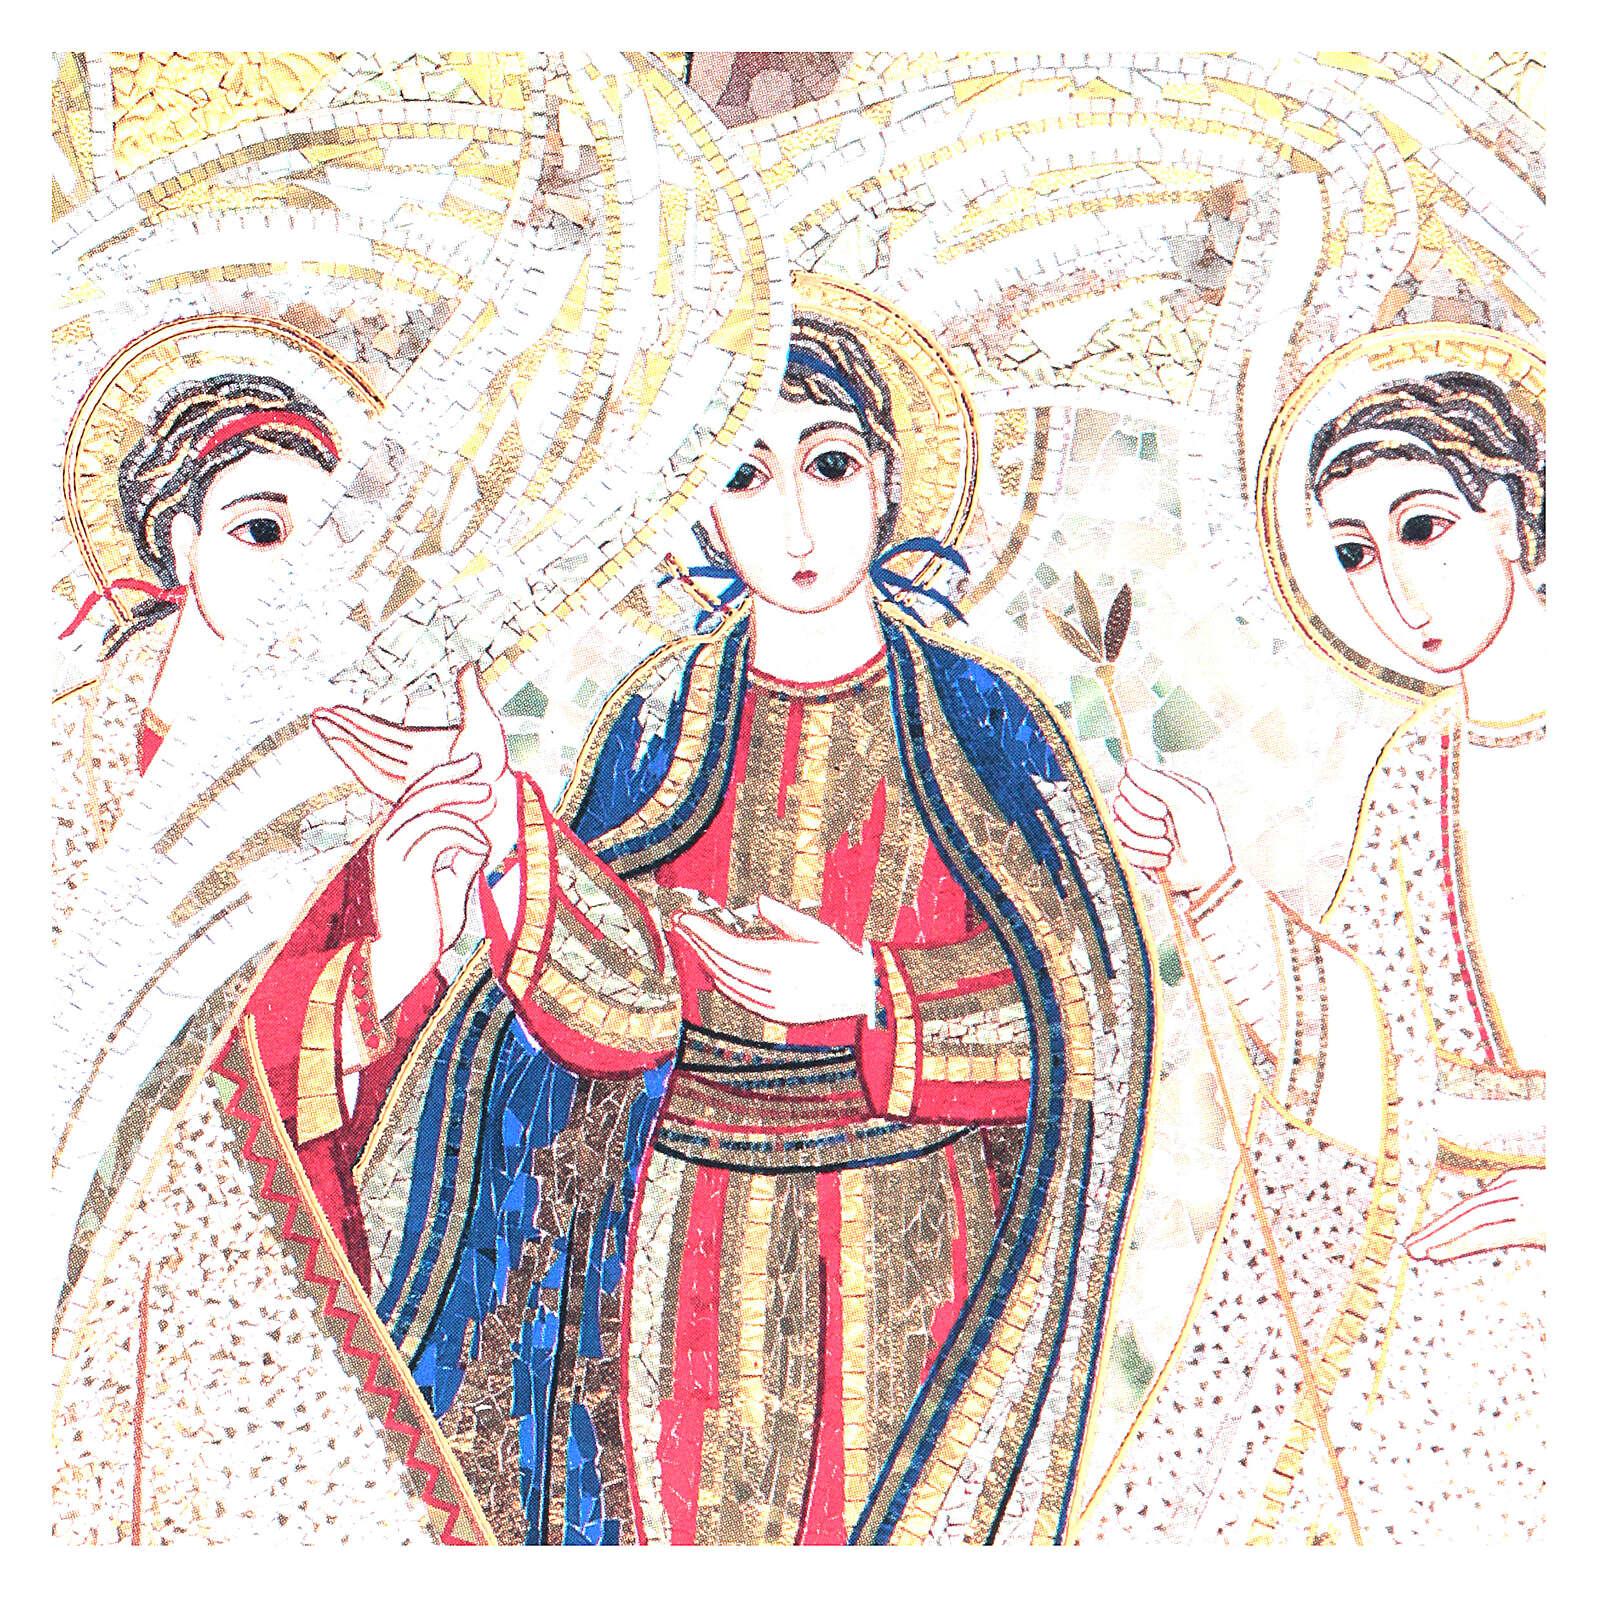 Bild der Heiligen Dreifaltigkeit nach Rupnik, 10x15 cm 3